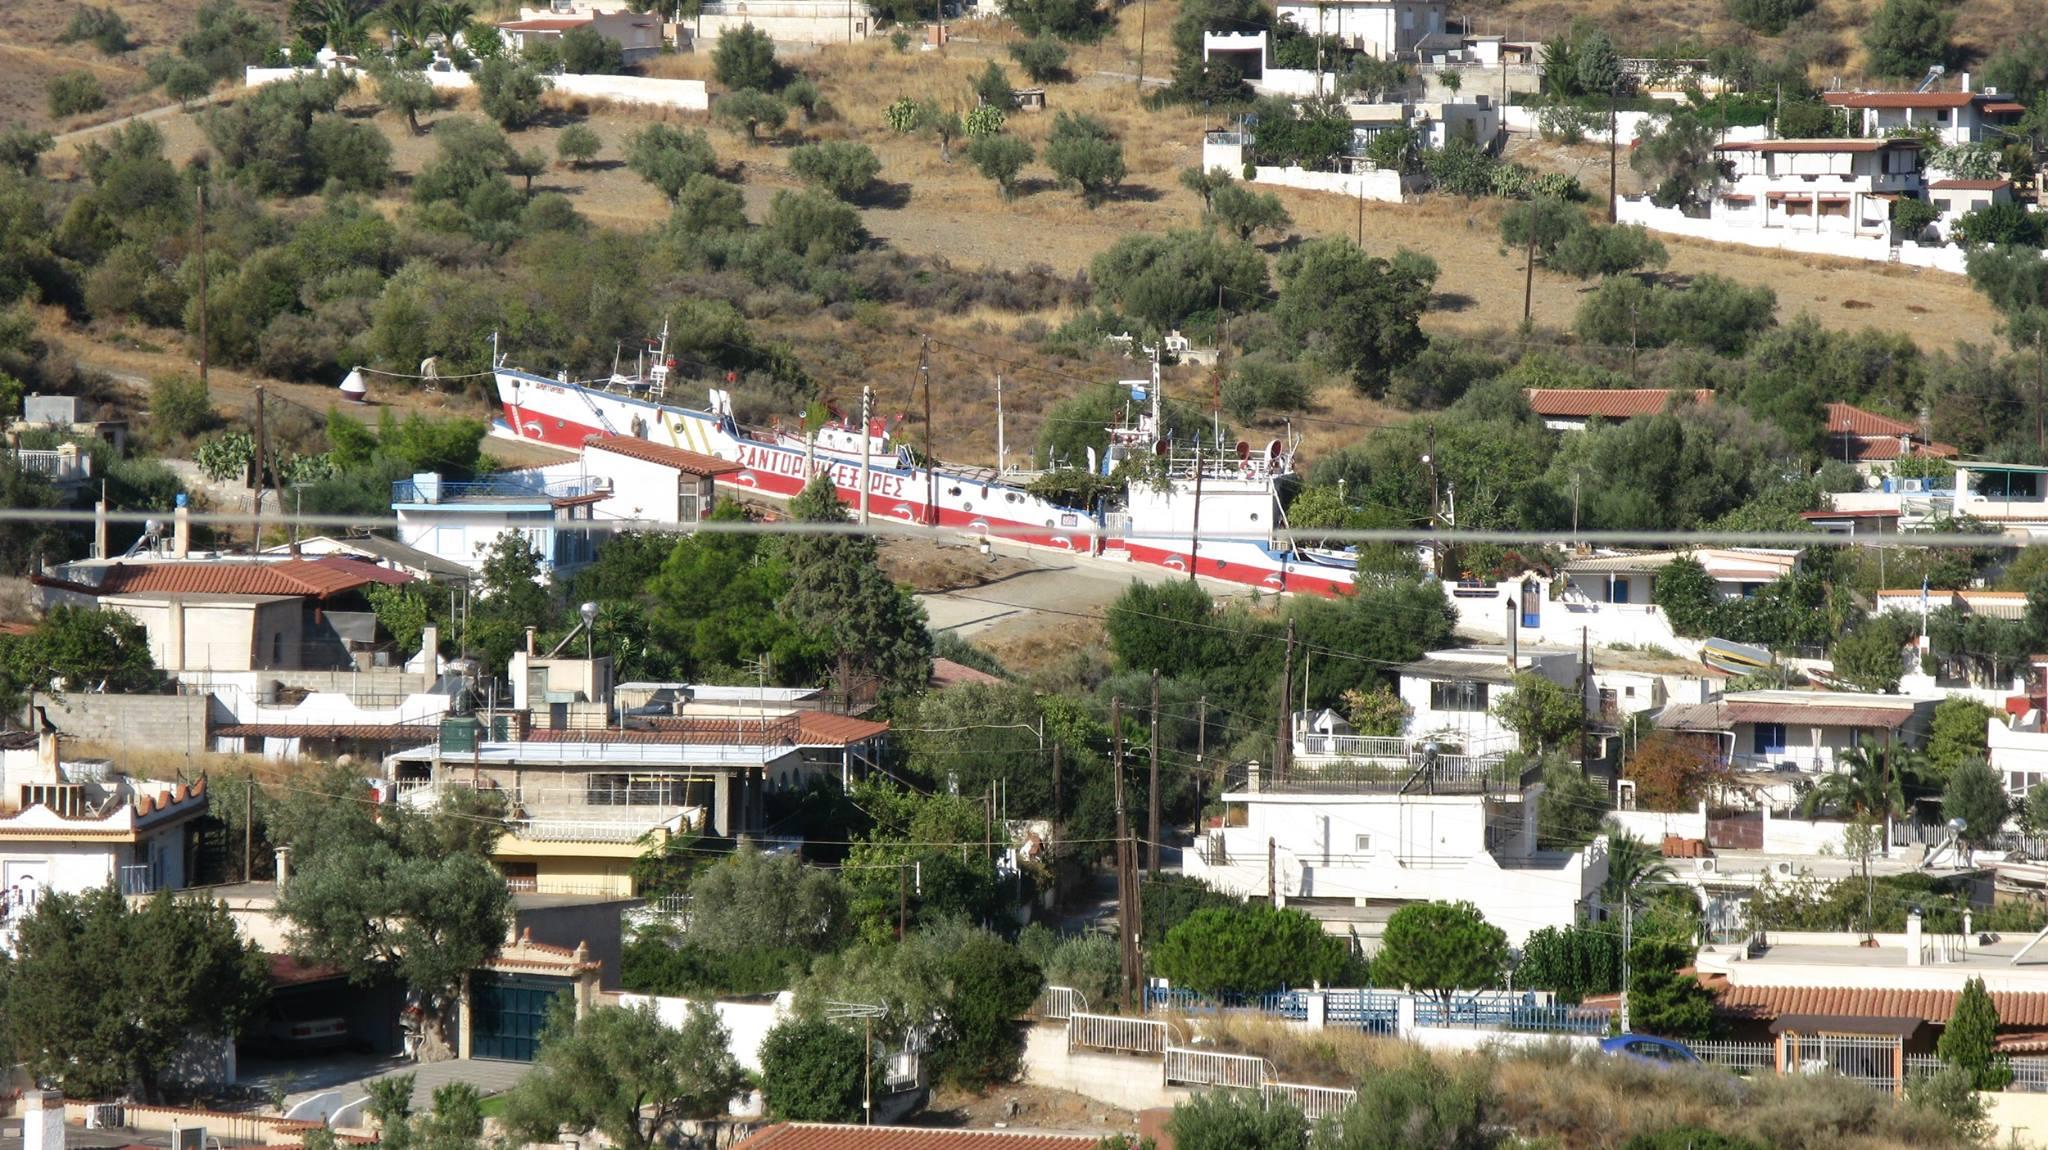 40 απίστευτες φωτογραφίες με αυθαίρετες κατασκευές που βρίσκονται στην Ελλάδα!